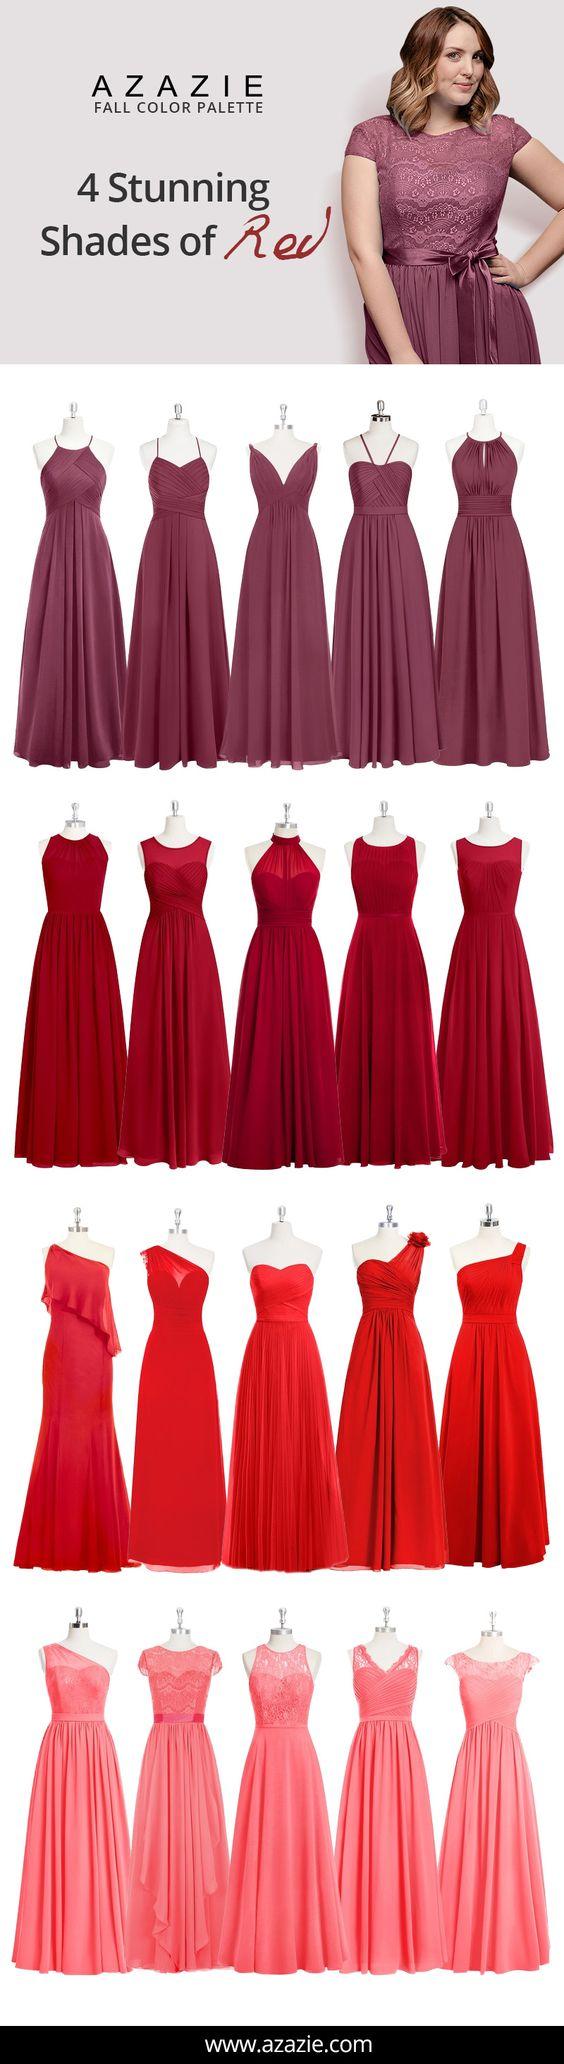 best images about vestidos de noche on pinterest